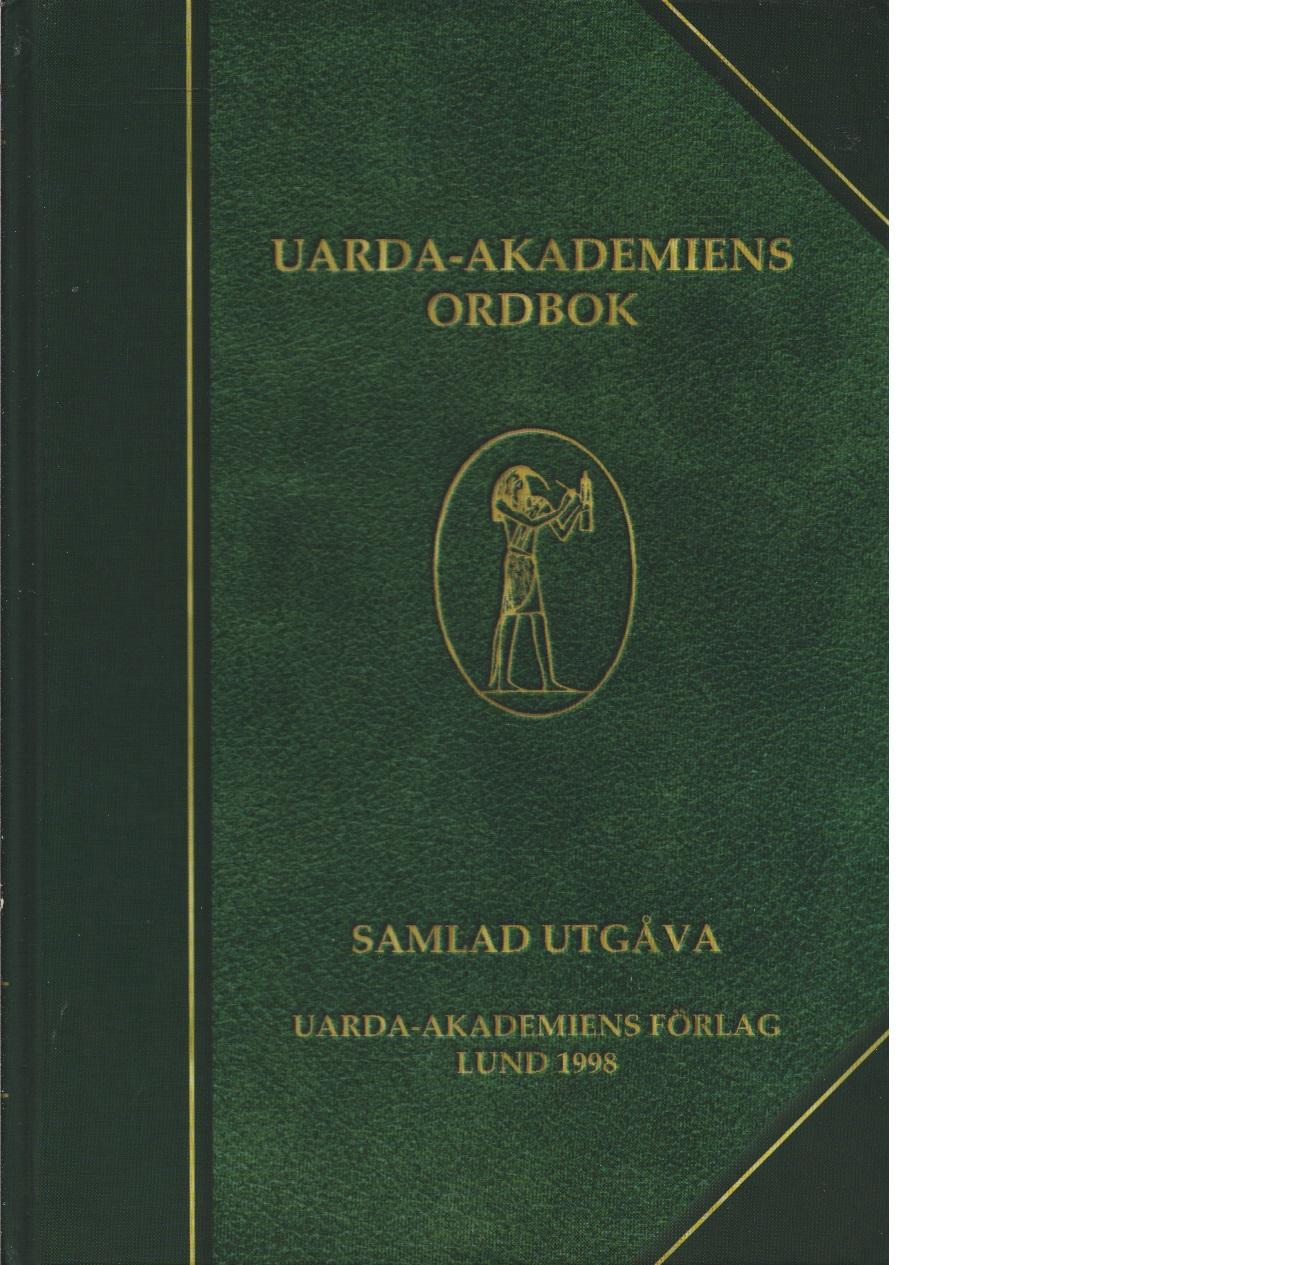 Uarda-akademiens ordbok : samlad utgåva - Uarda-akademien